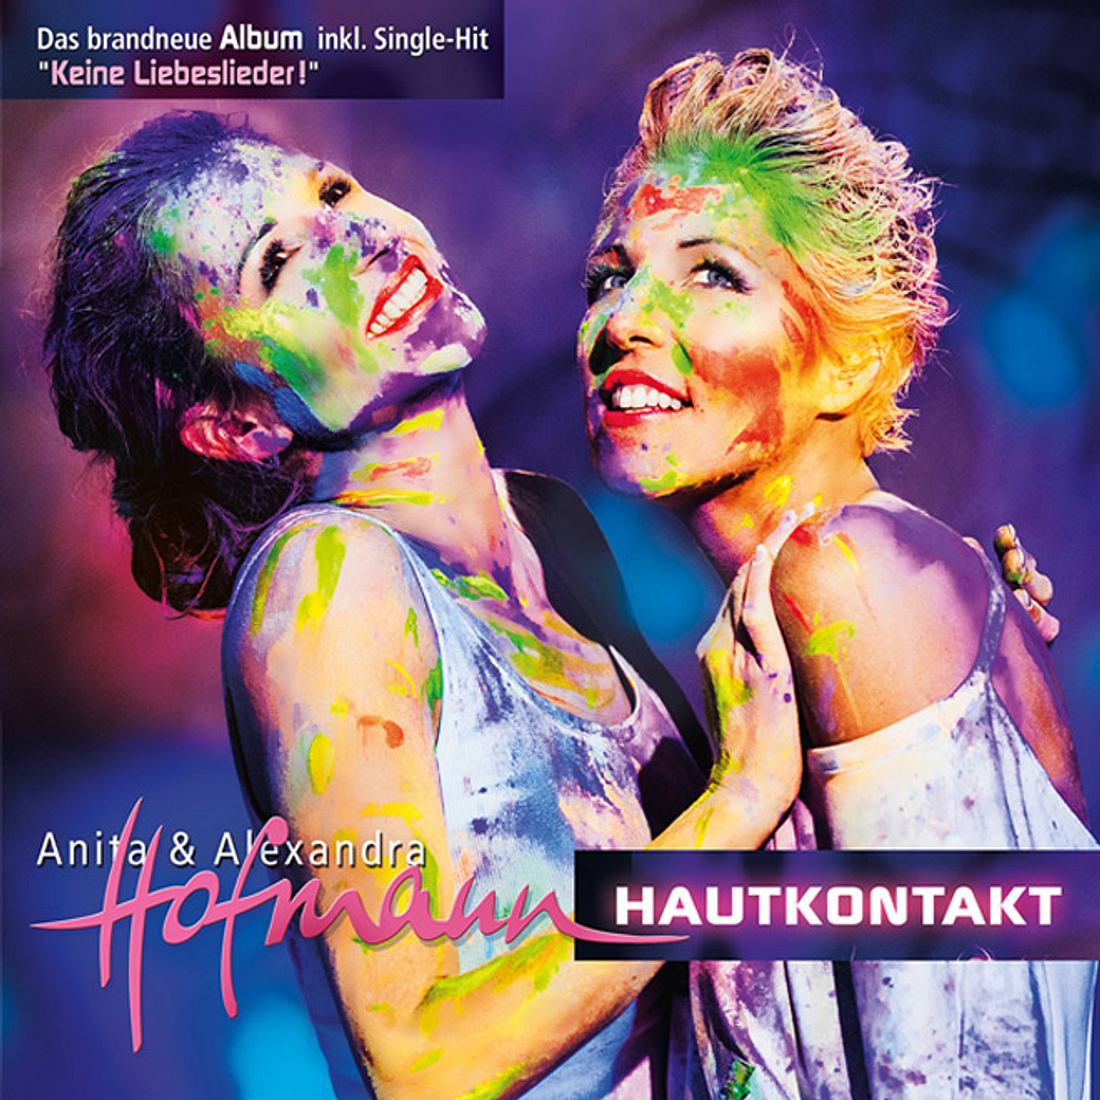 Hautkontakt - Das neue Album von Anita & Alexandra Hofmann.